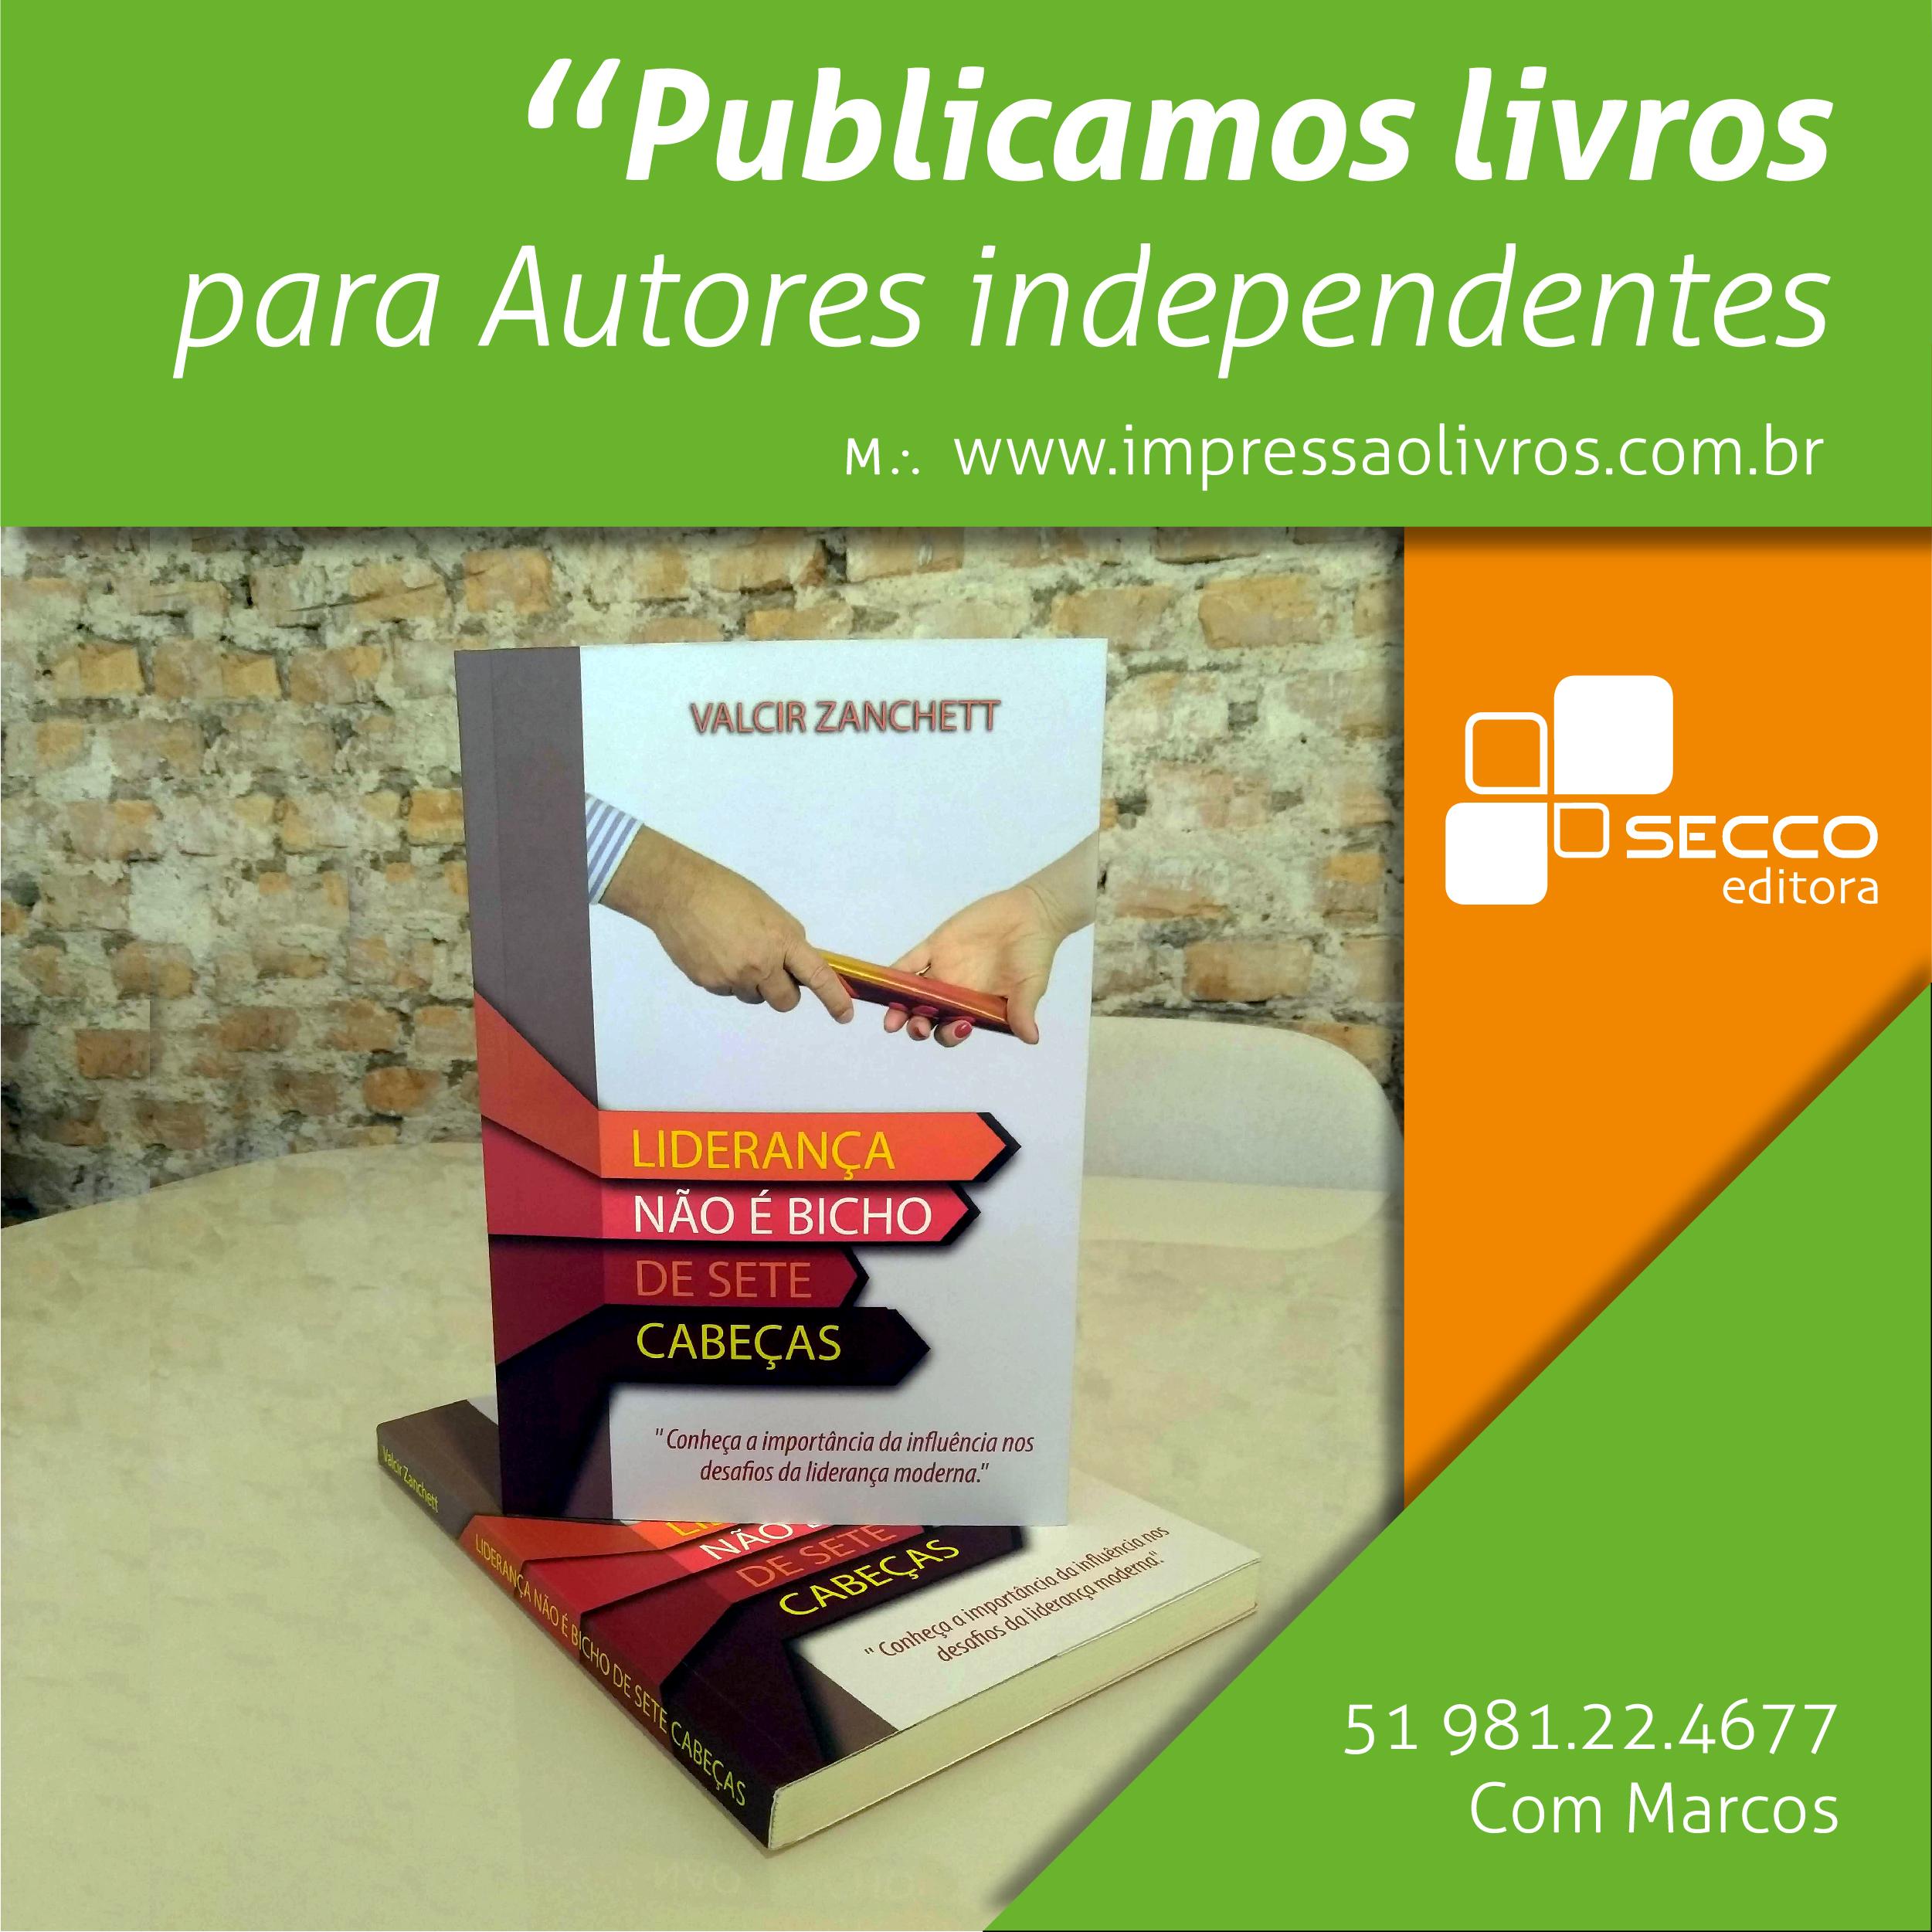 Publicação de Livro e Impressão